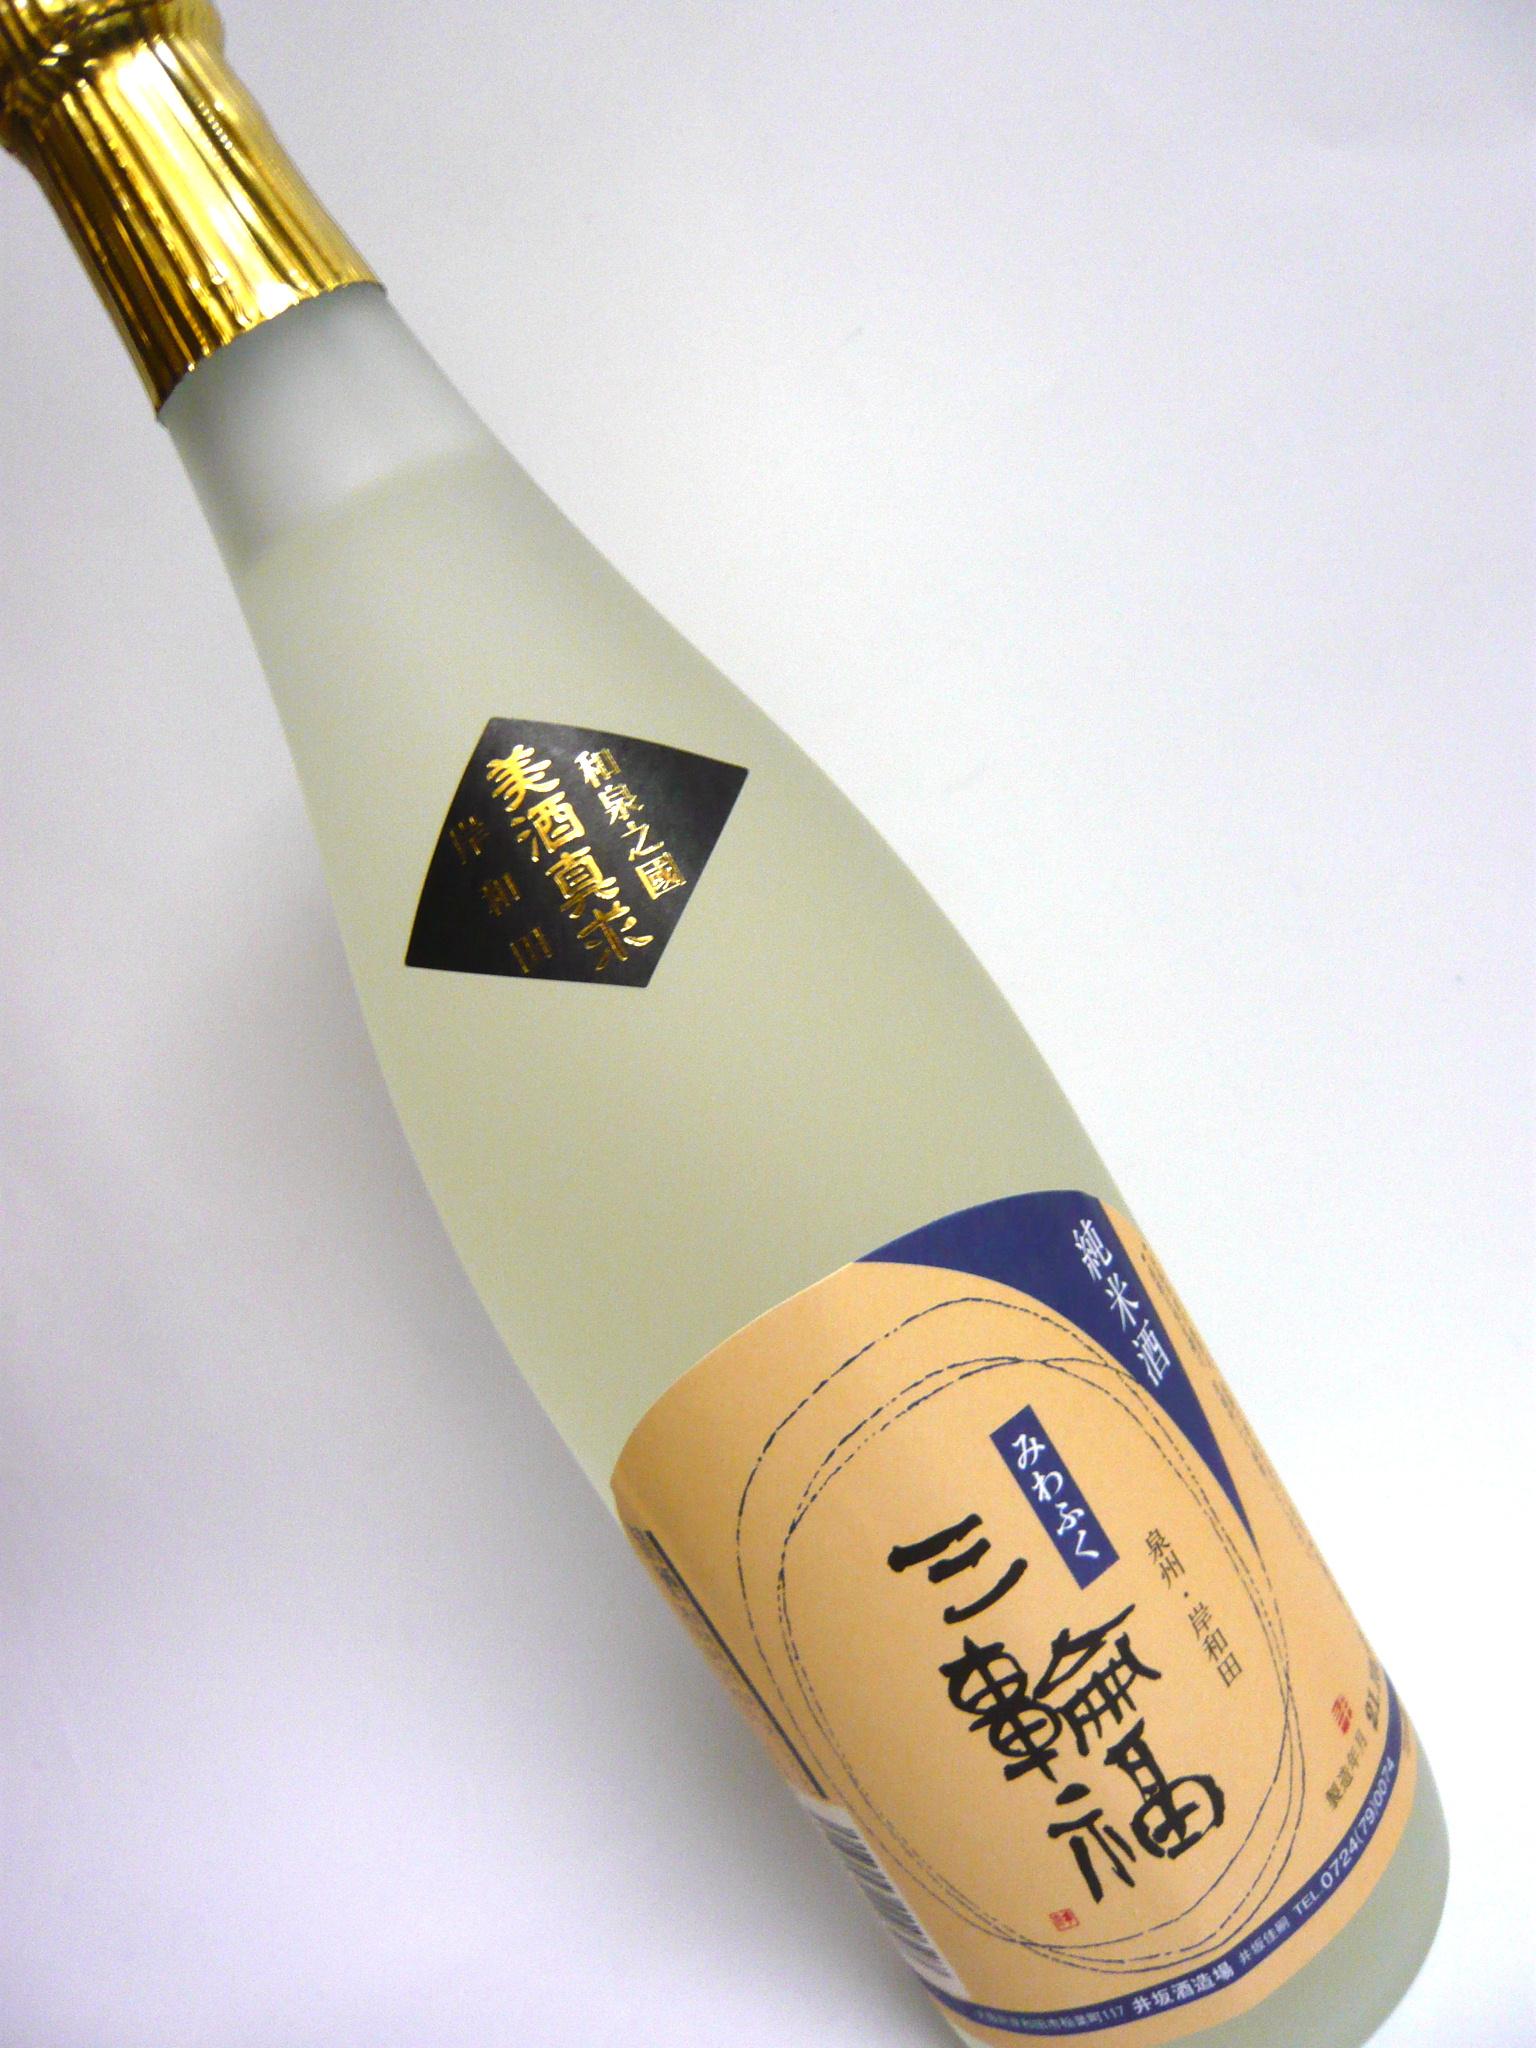 純米酒 三輪福(みわふく)